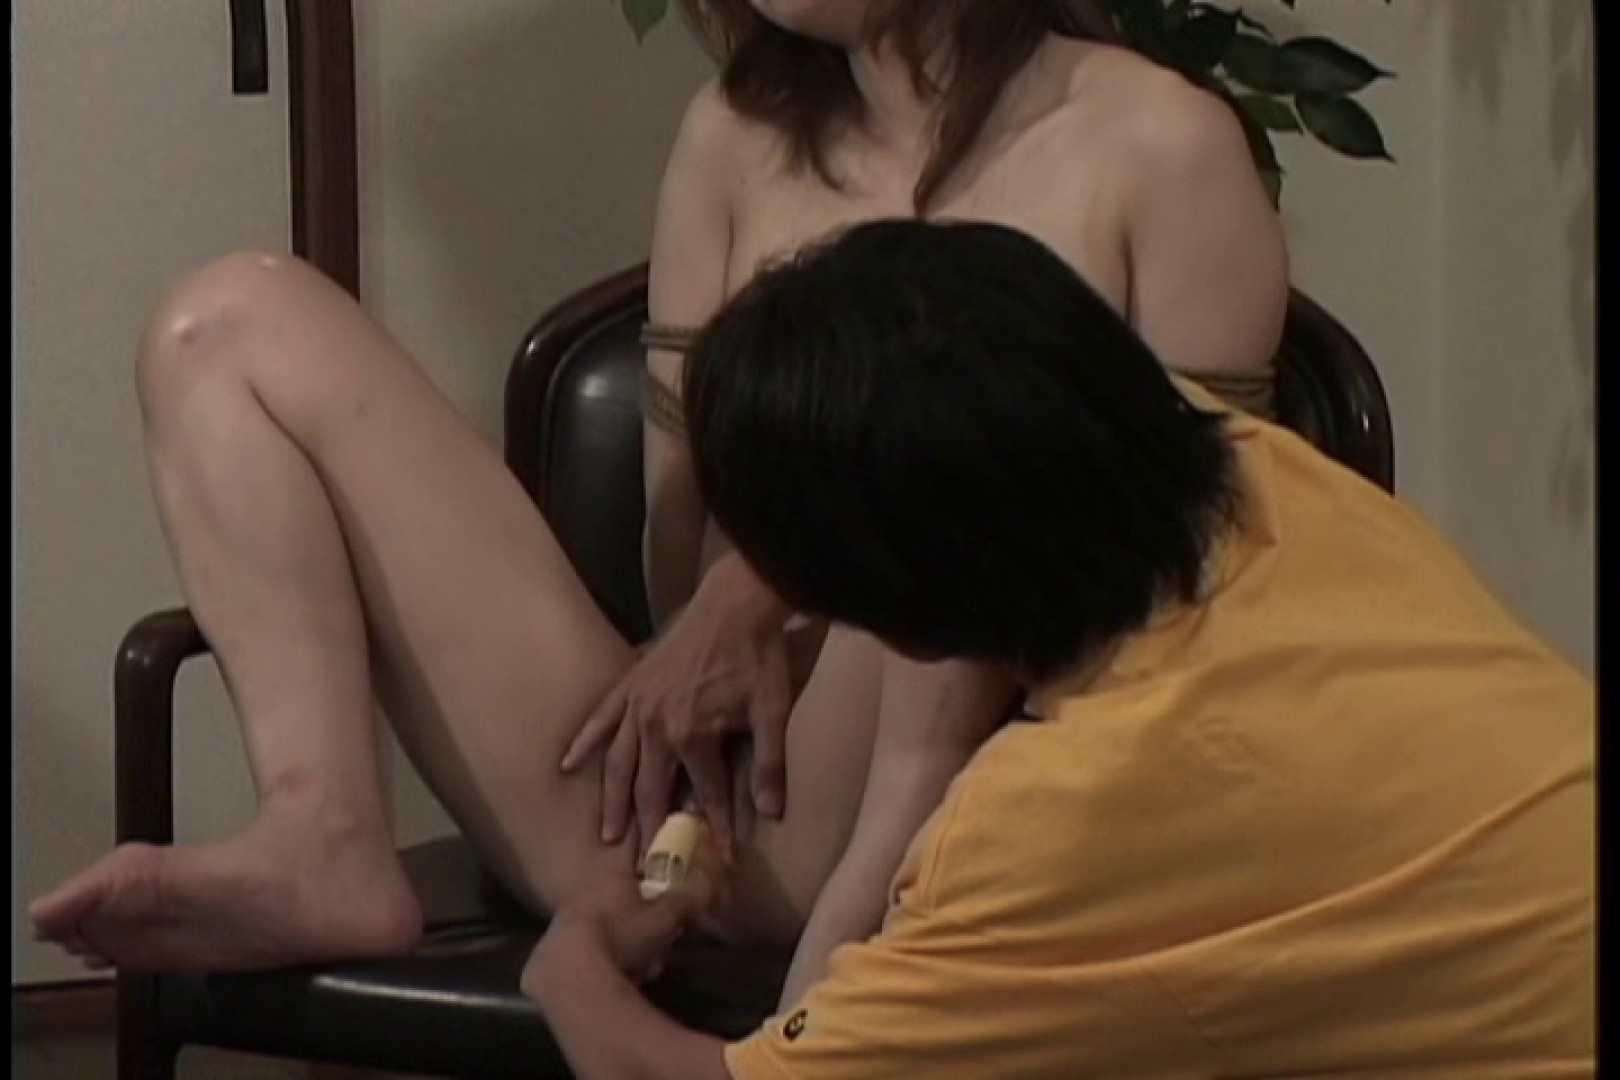 熟女2人の止まらない性欲、男を見れば即欲情~後編 0  86pic 33